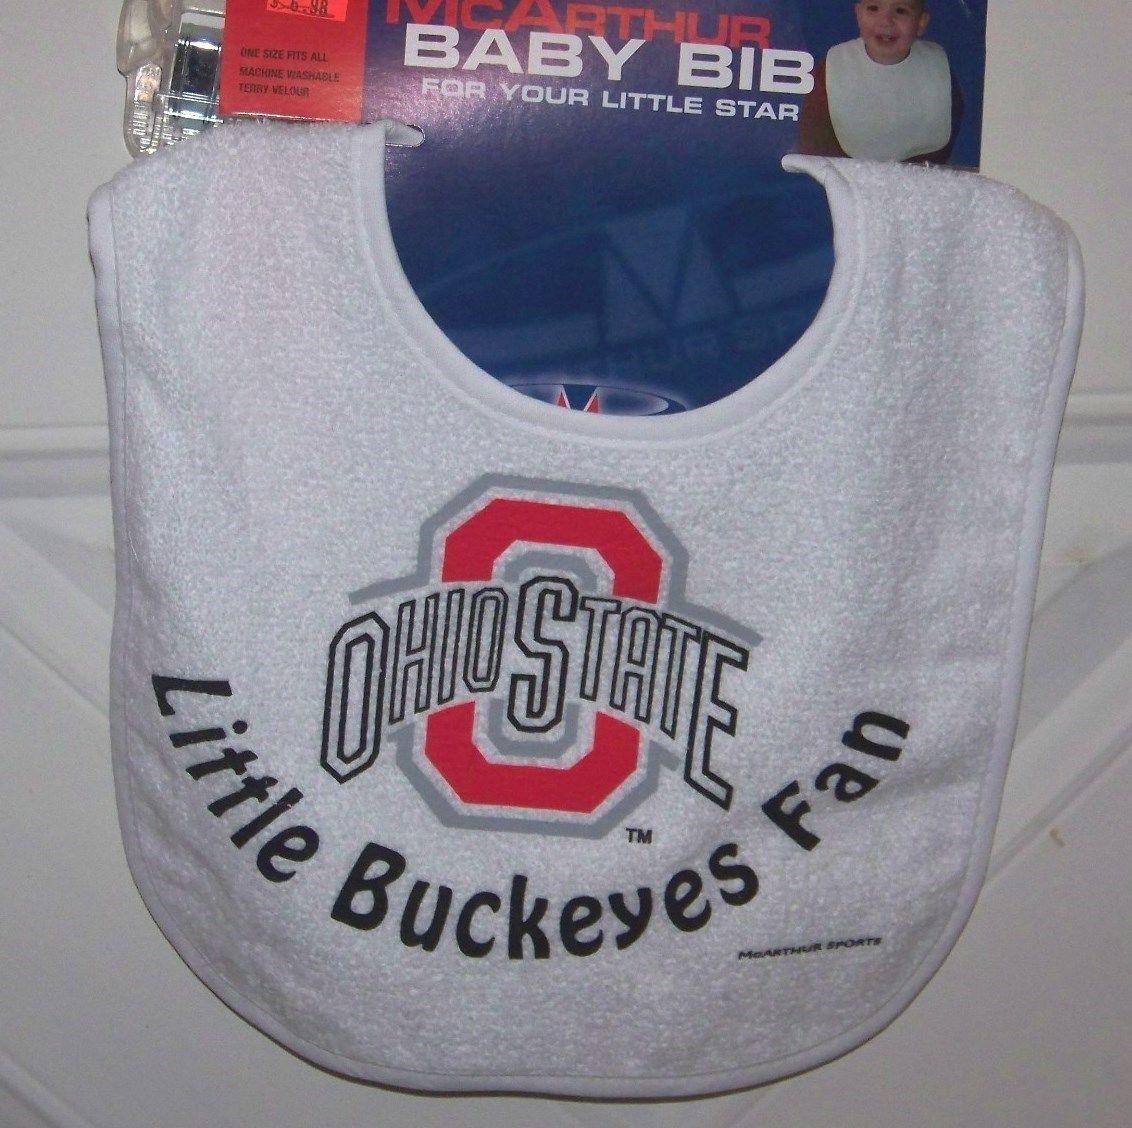 Ohio State University OSU  Buckeyes baby bib